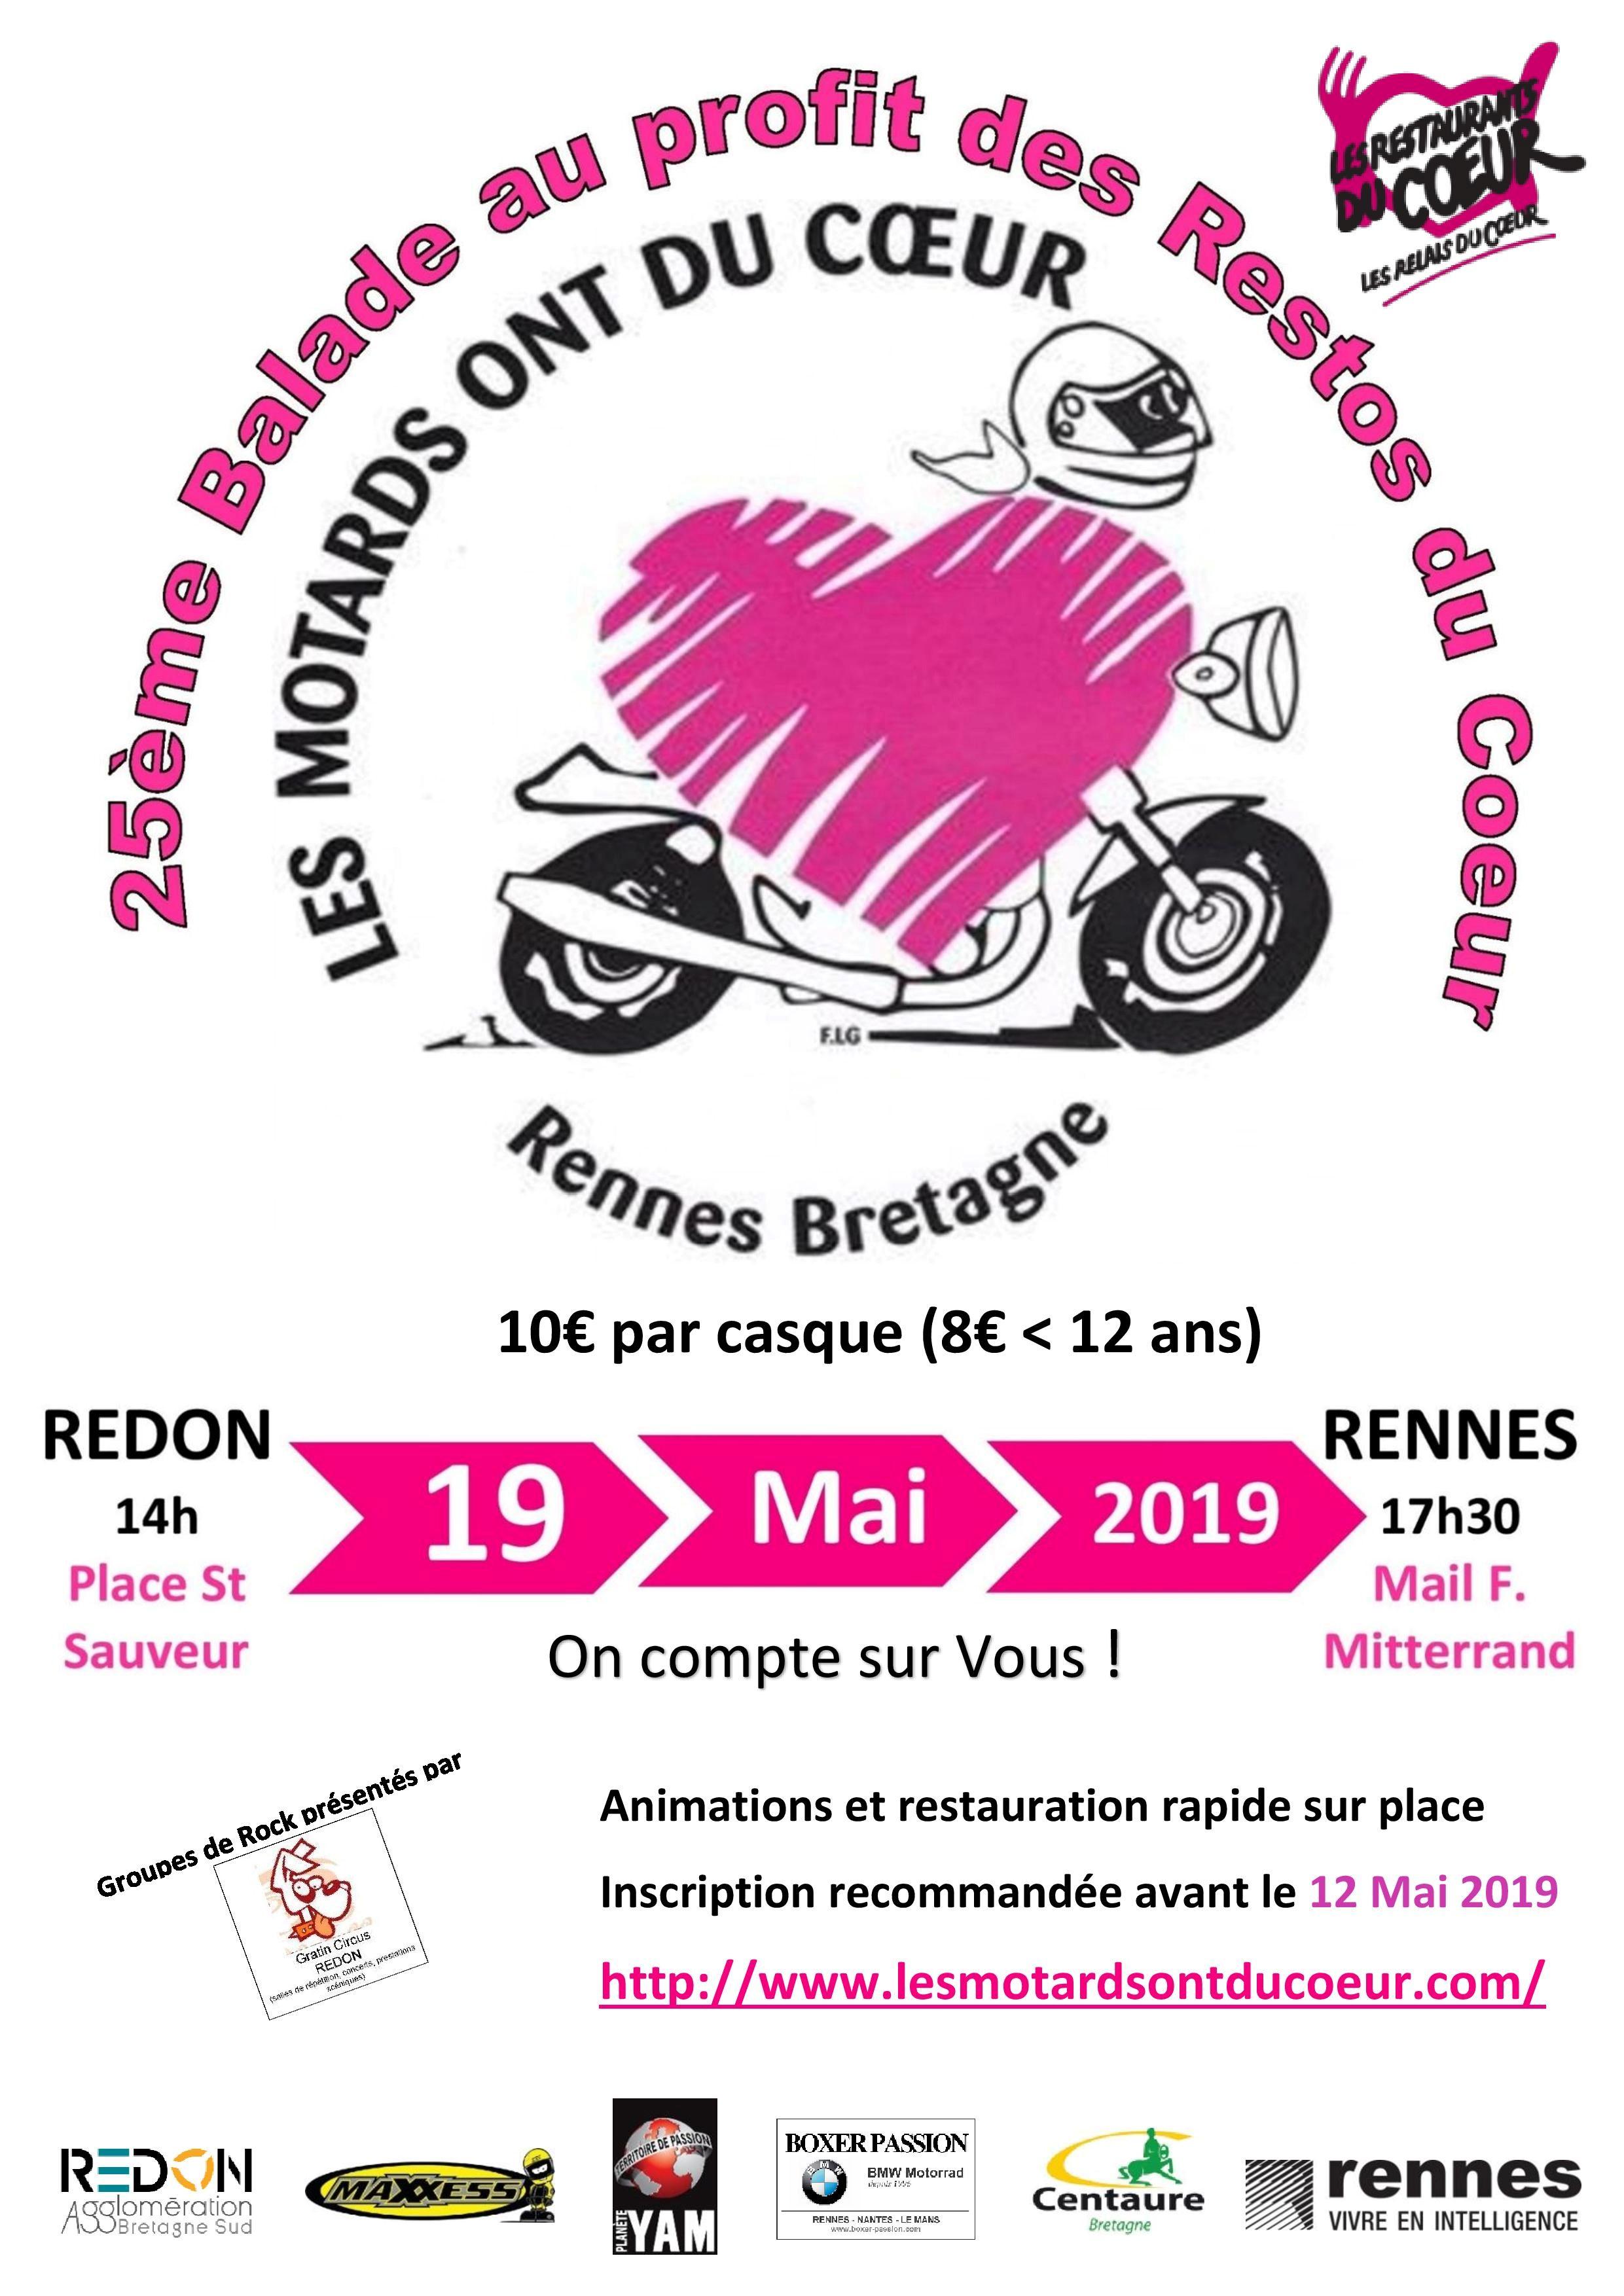 Les Motards Ont Du Coeur : motards, coeur, Motards, Coeur